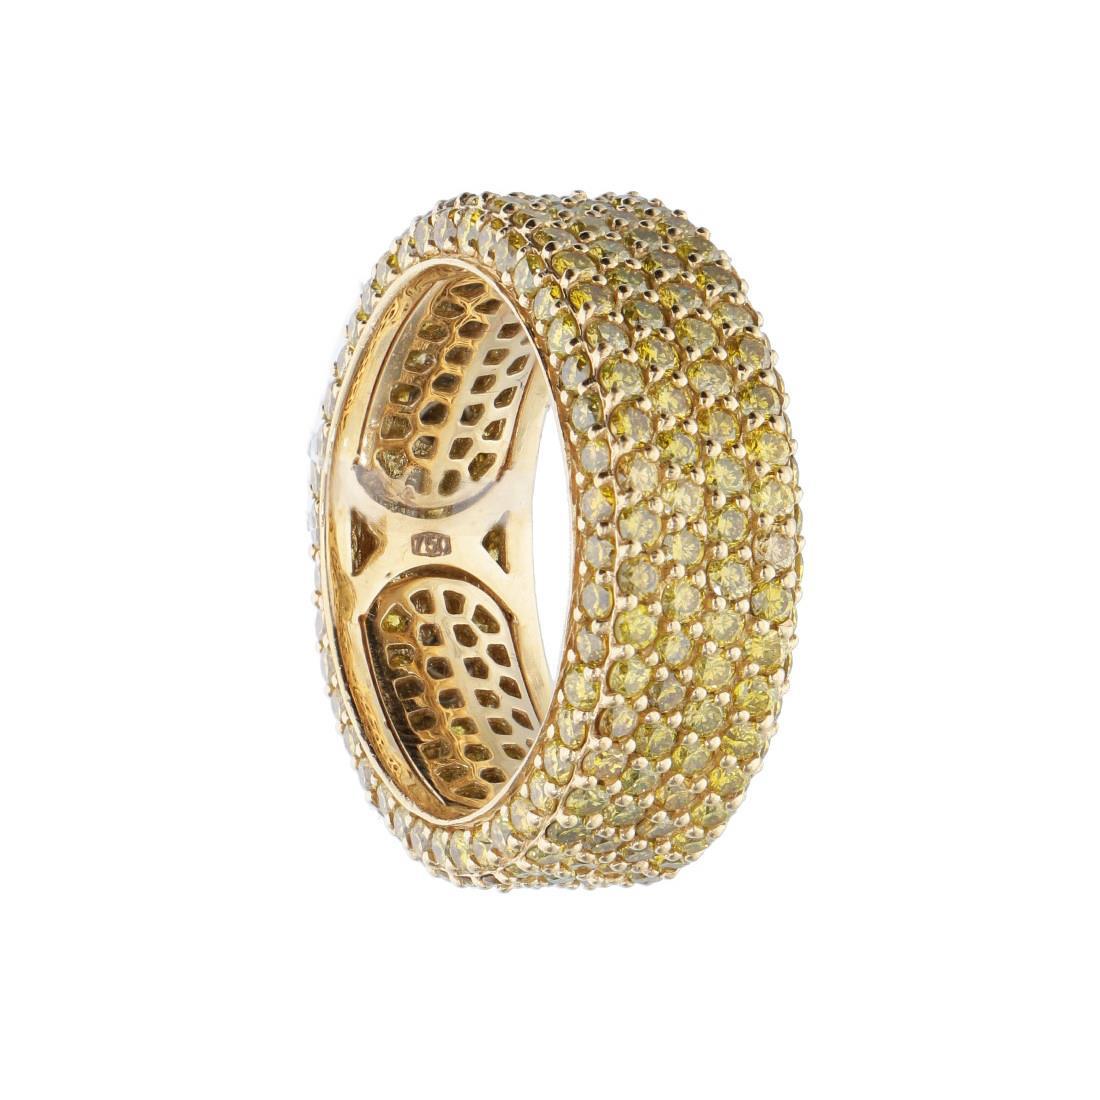 Anello in oro con diamanti naturali gialli trattti - ALFIERI ST JOHN